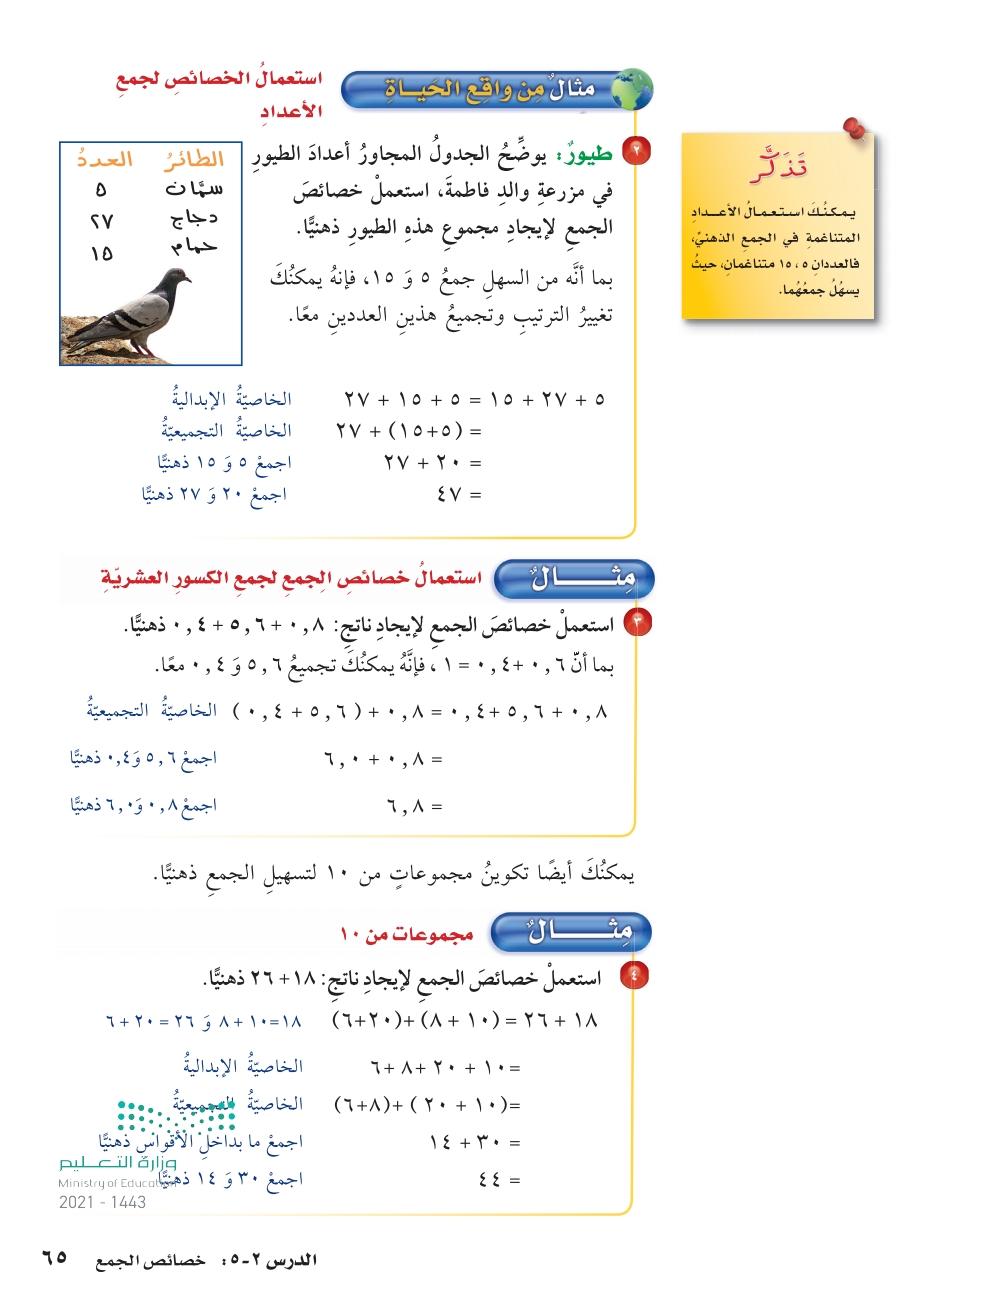 2-5 خصائص الجمع